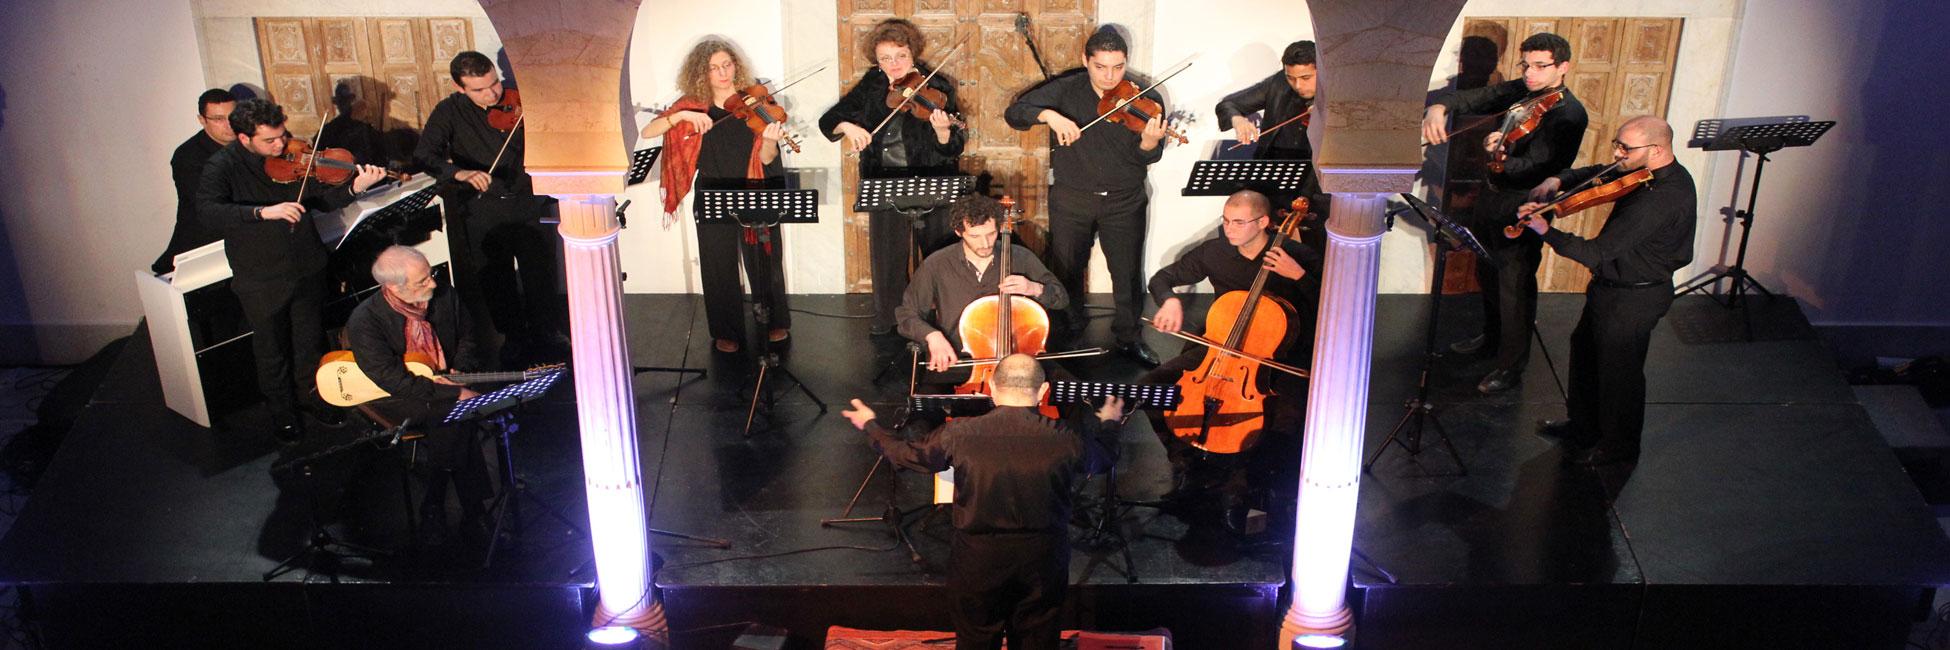 Musique à Venise en 1700